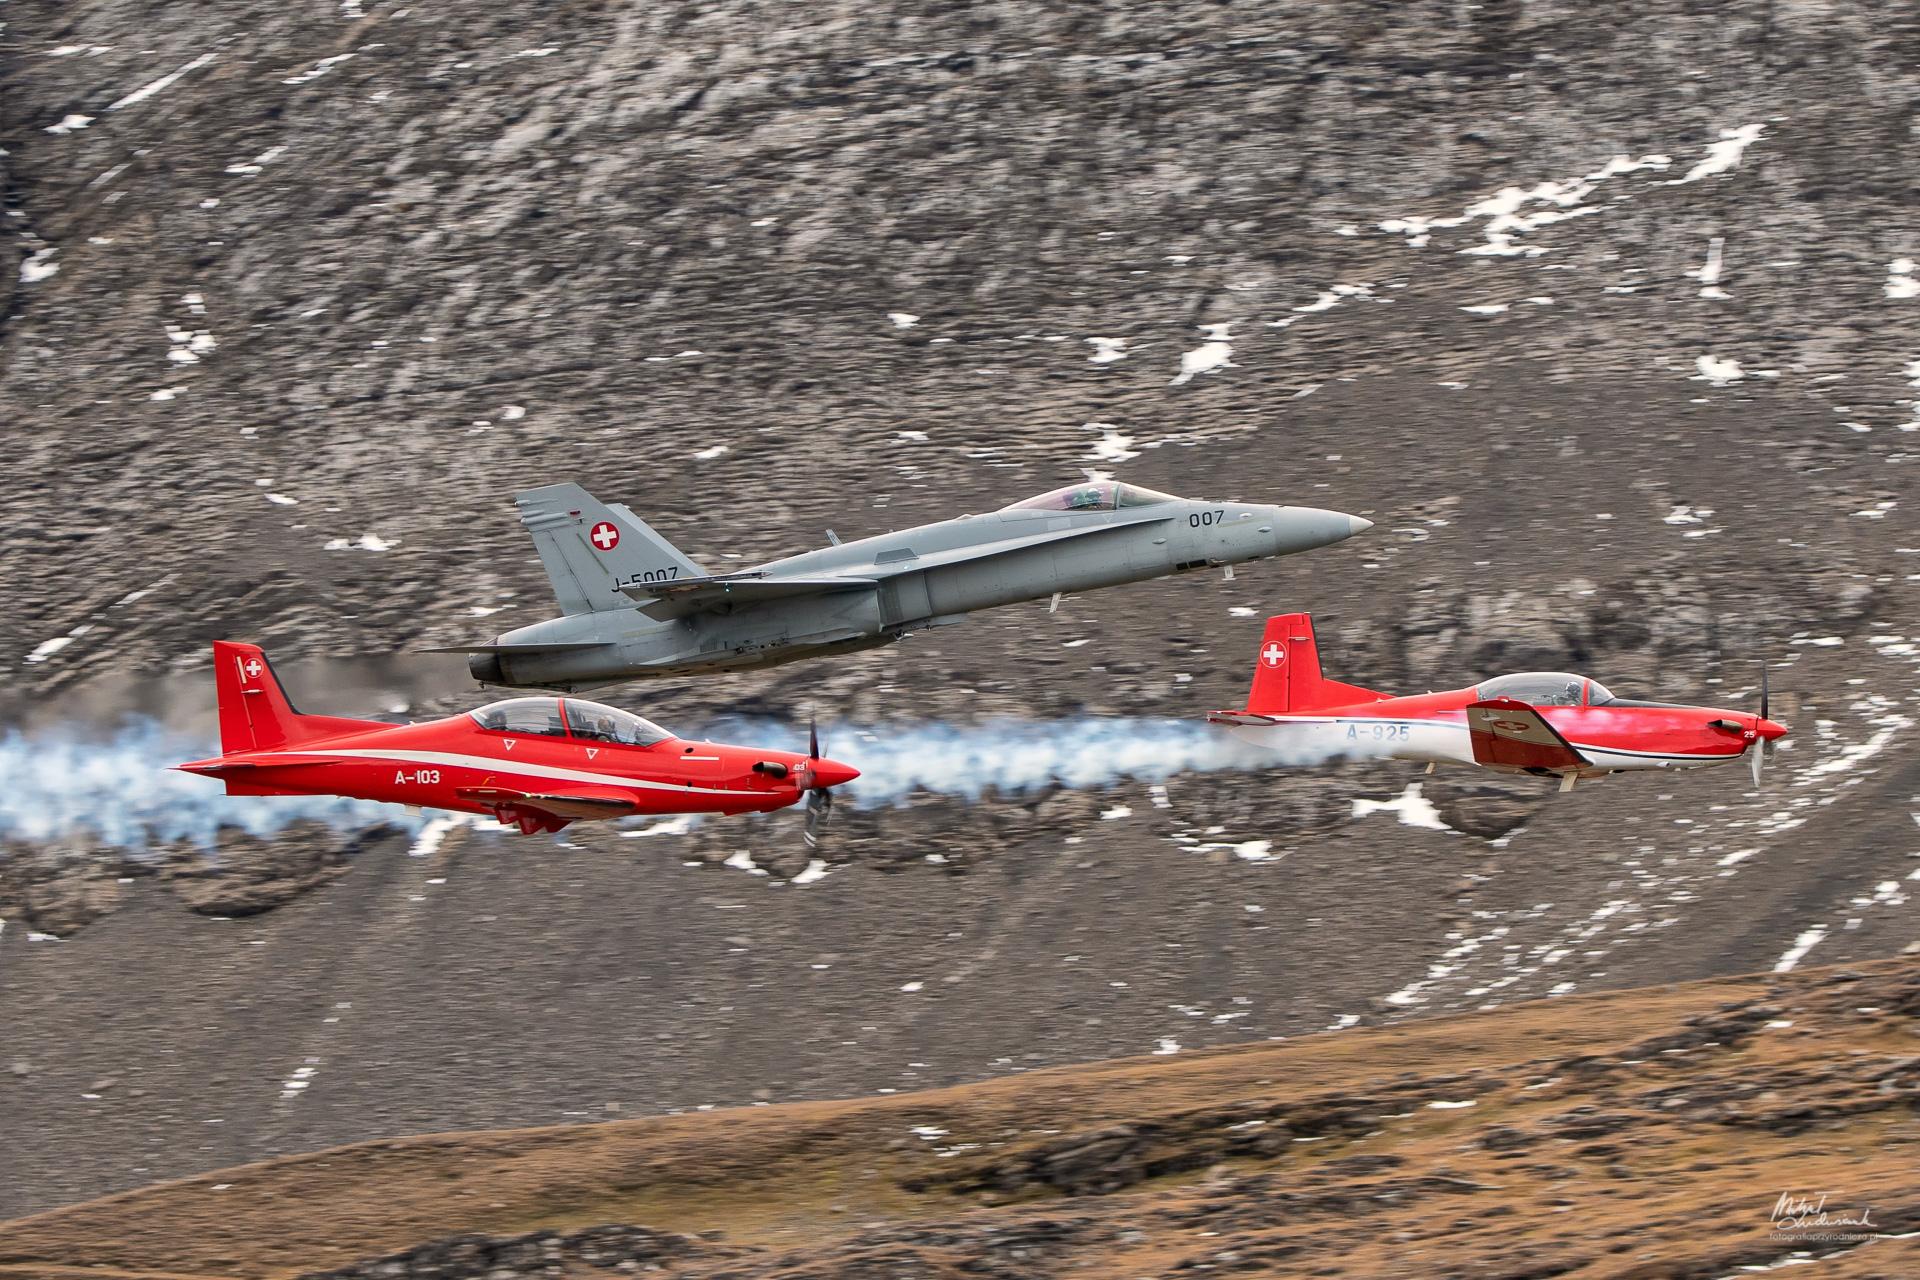 F/A-18 Hornet, Pilatus PC-7 i PC-21